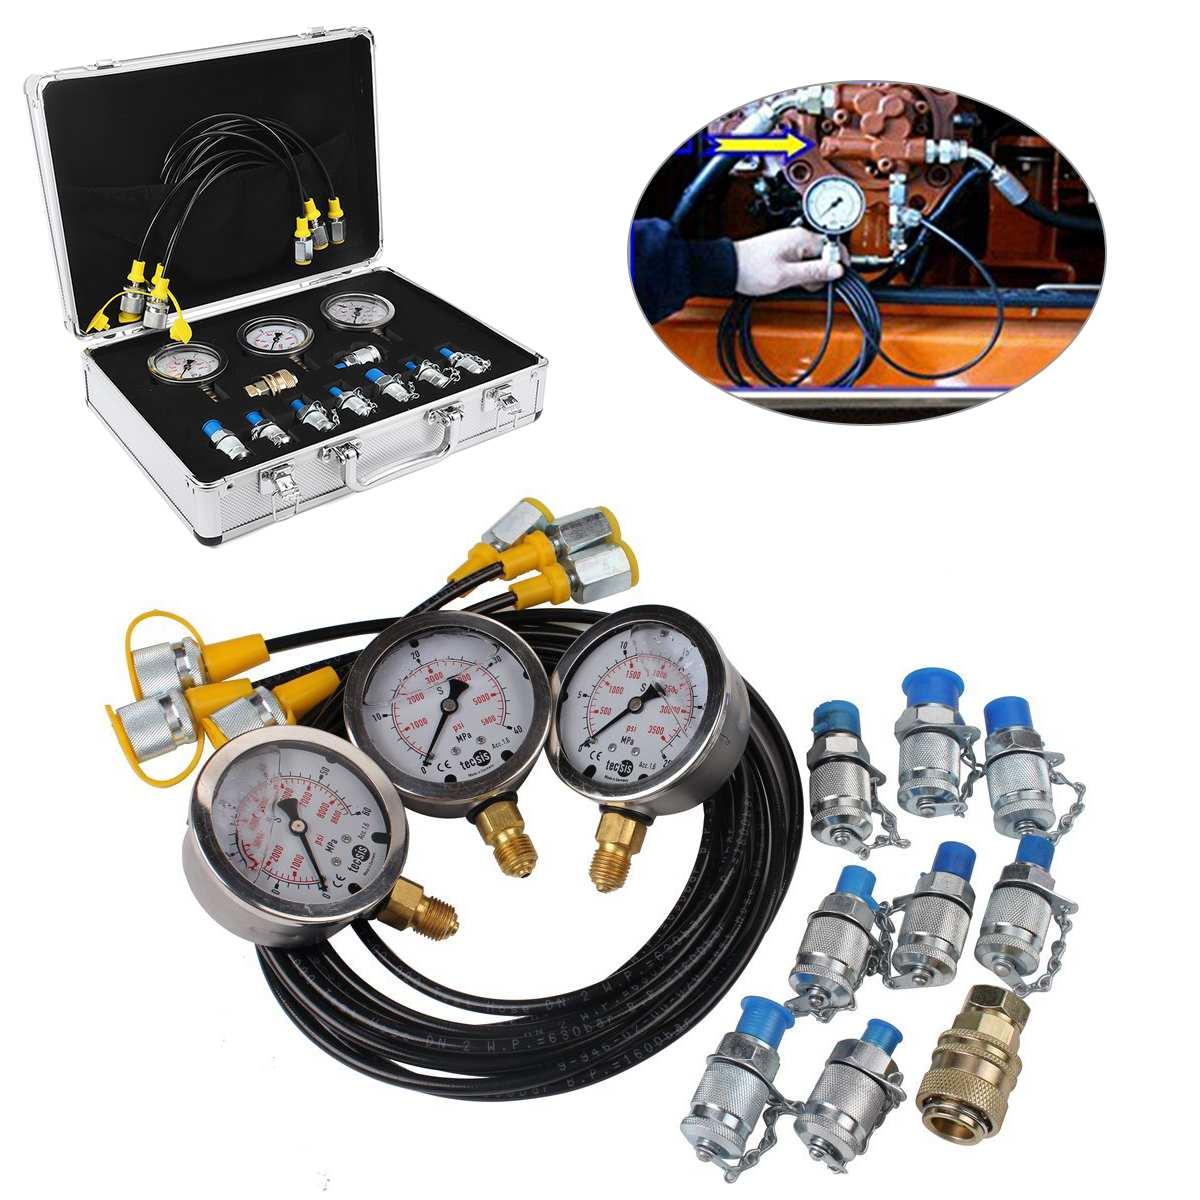 1 комплект экскаватор гидравлический манометр тест комплект профессиональный гидравлический измерительный инструментальный ящик для гид